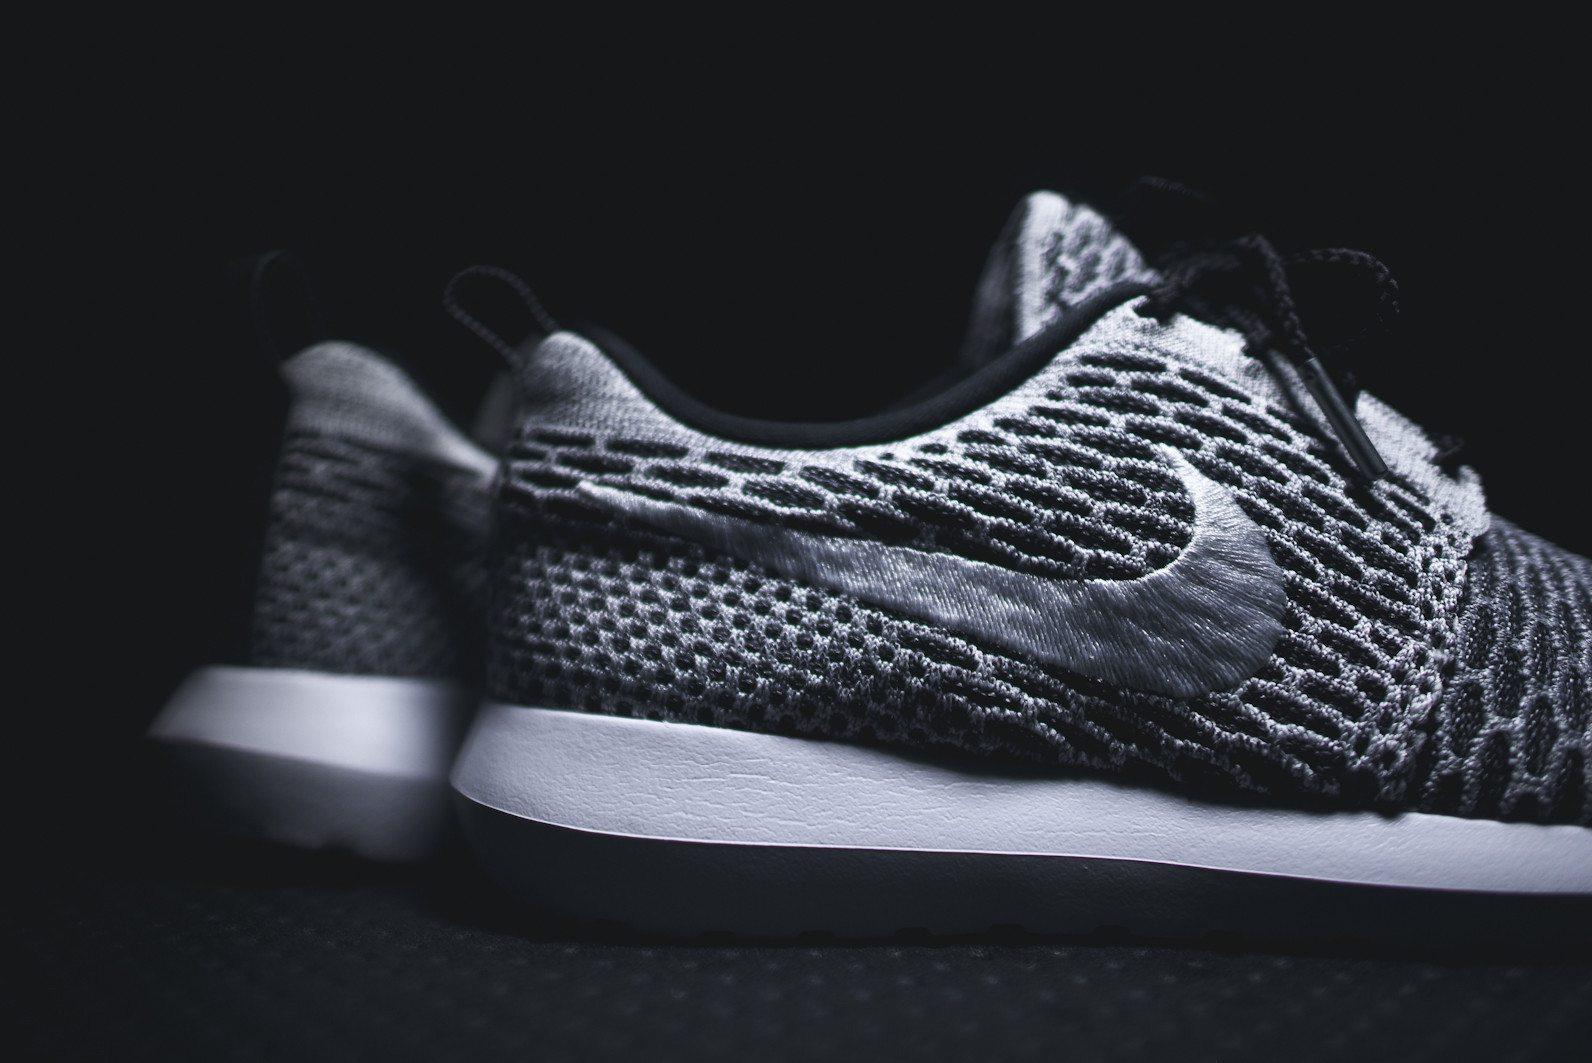 Nike Roshe Flyknit Black White Dark Grey 6